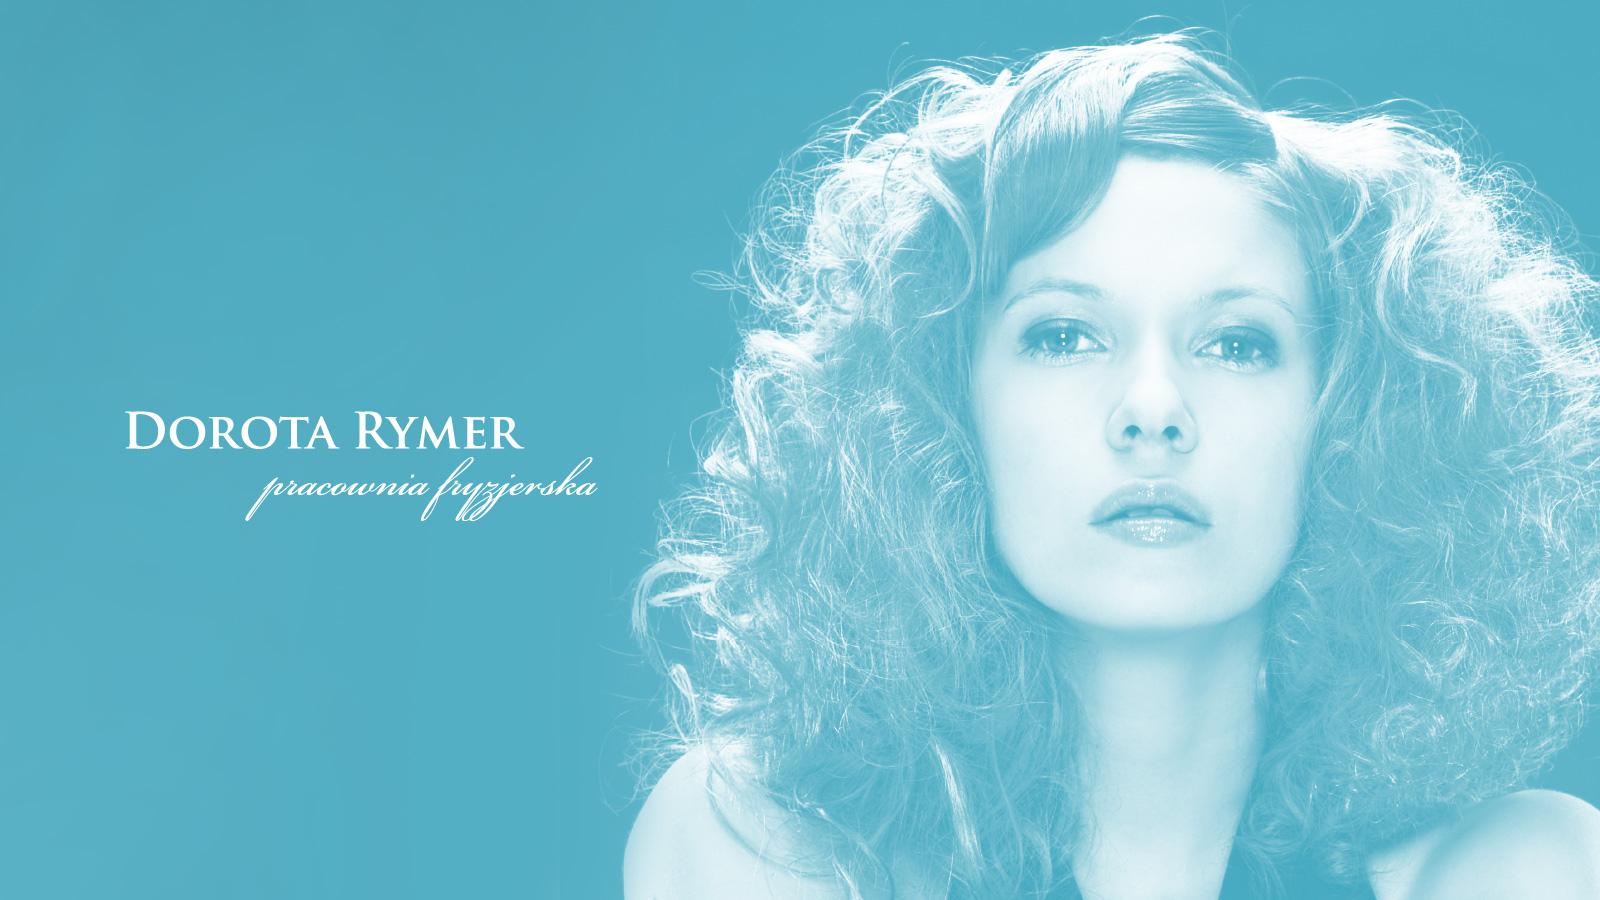 Dorota Rymer